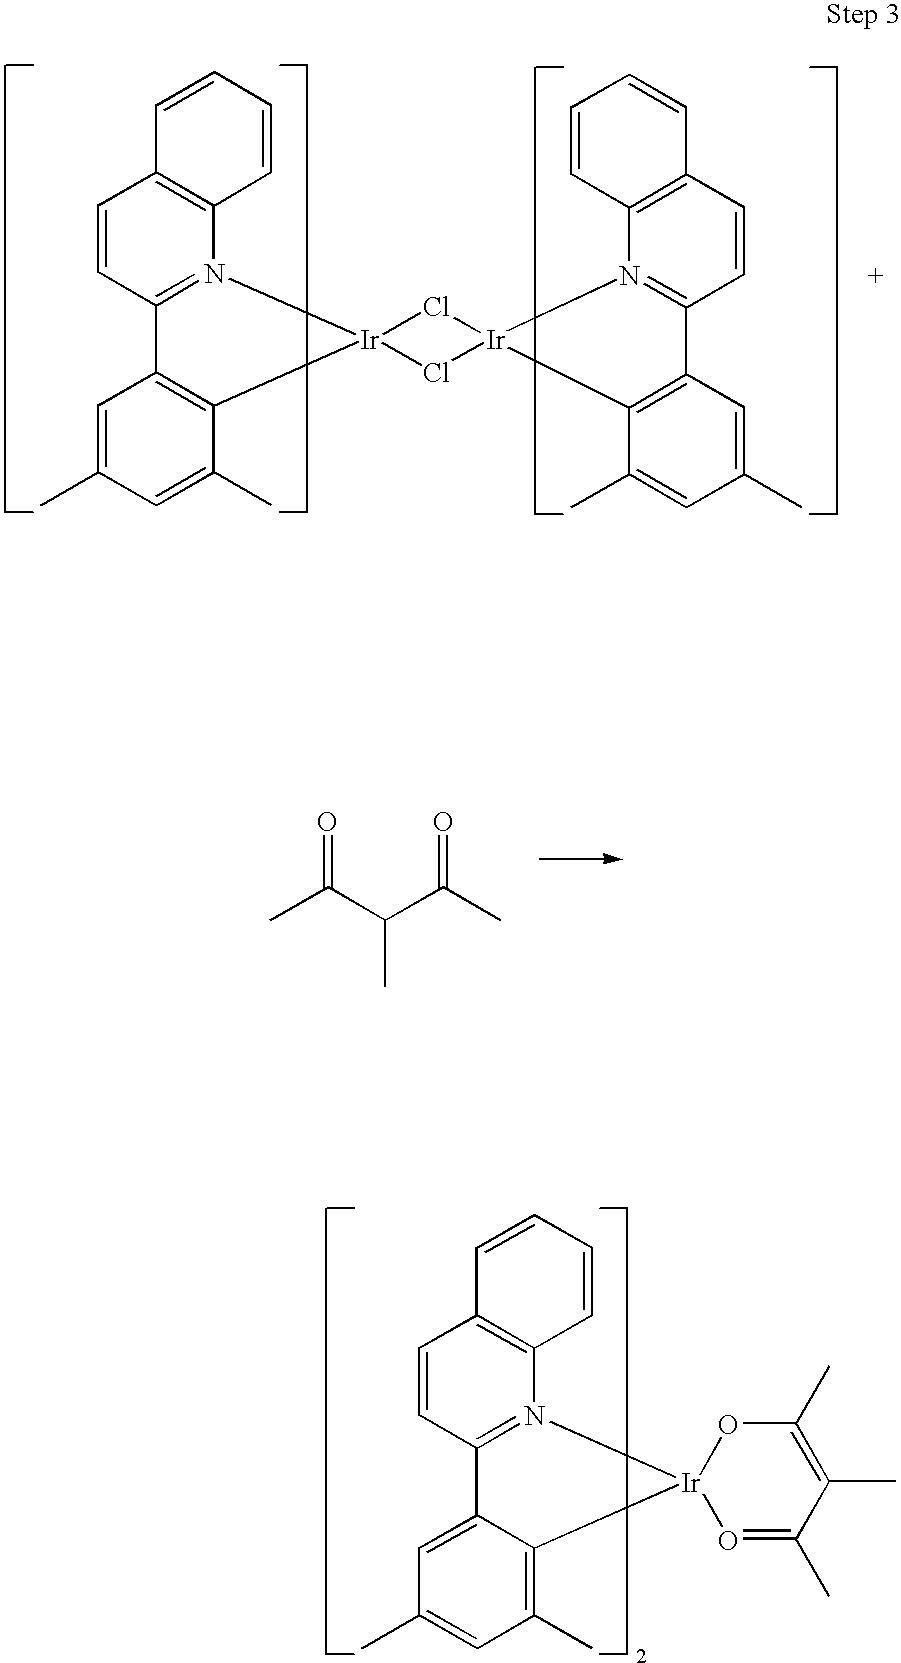 Figure US20100090591A1-20100415-C00138